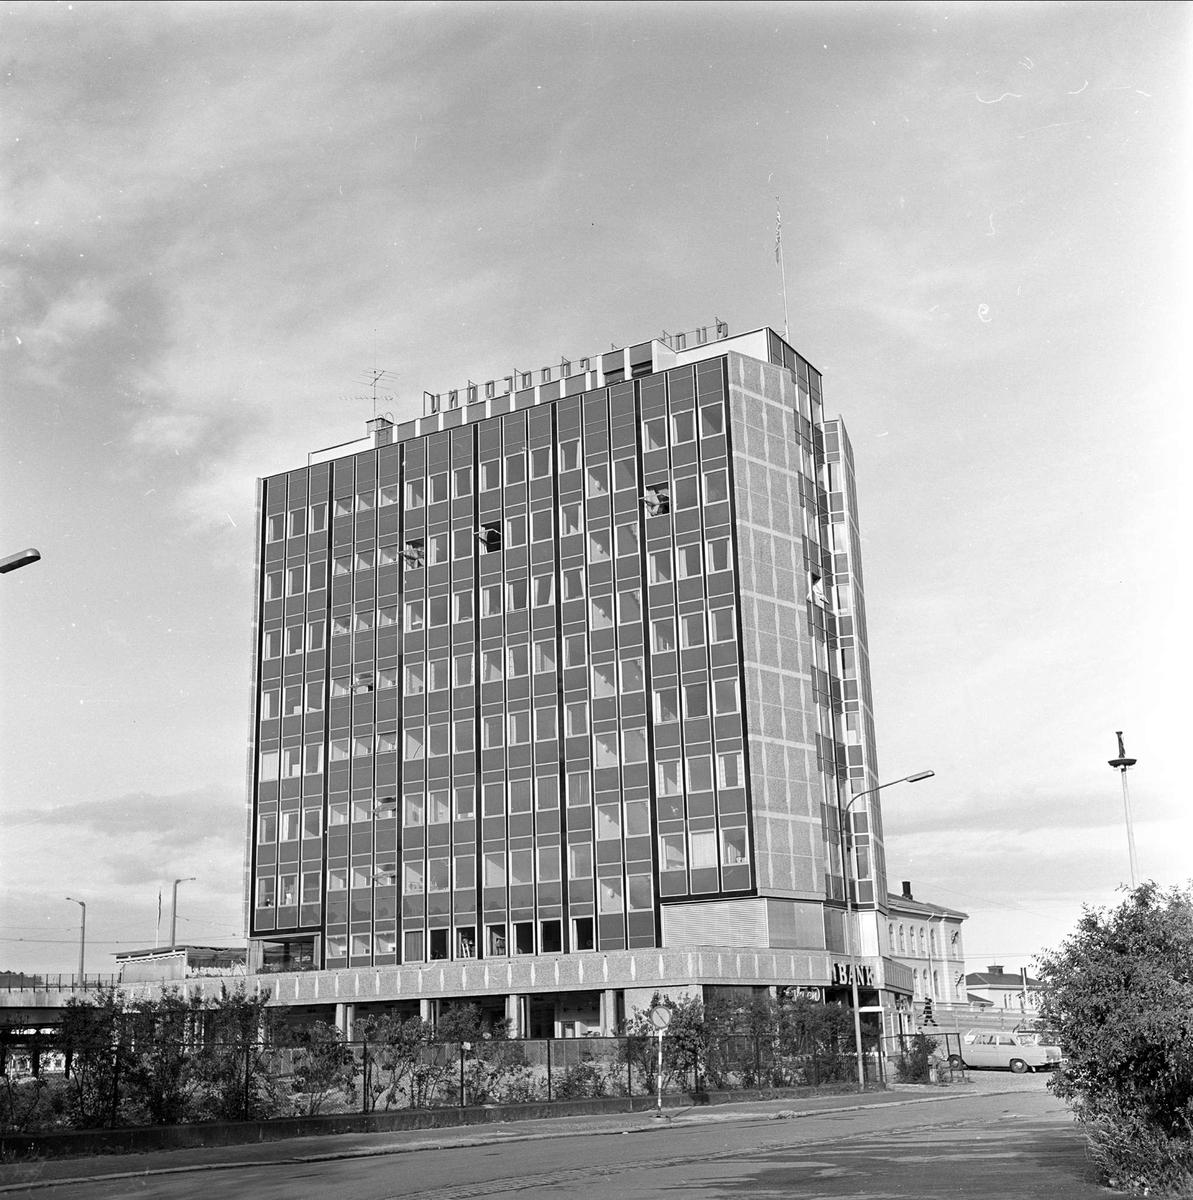 Drammen, august 1962. Drammensdagen. Bygning.